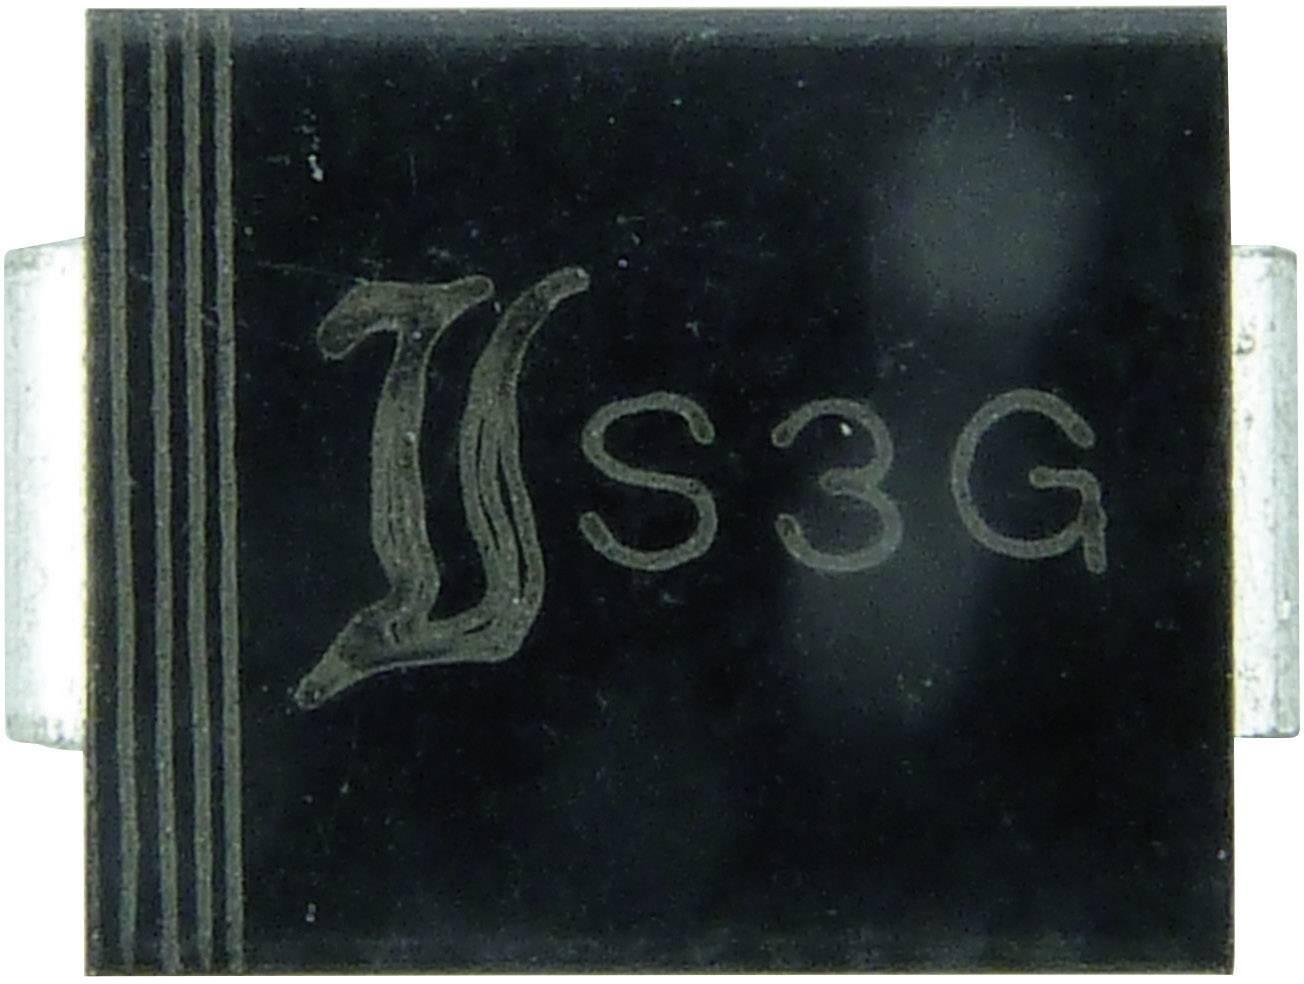 Dióda Z Diotec Z3SMC8.2, DO-214AB, zener. napätie 8.2 V